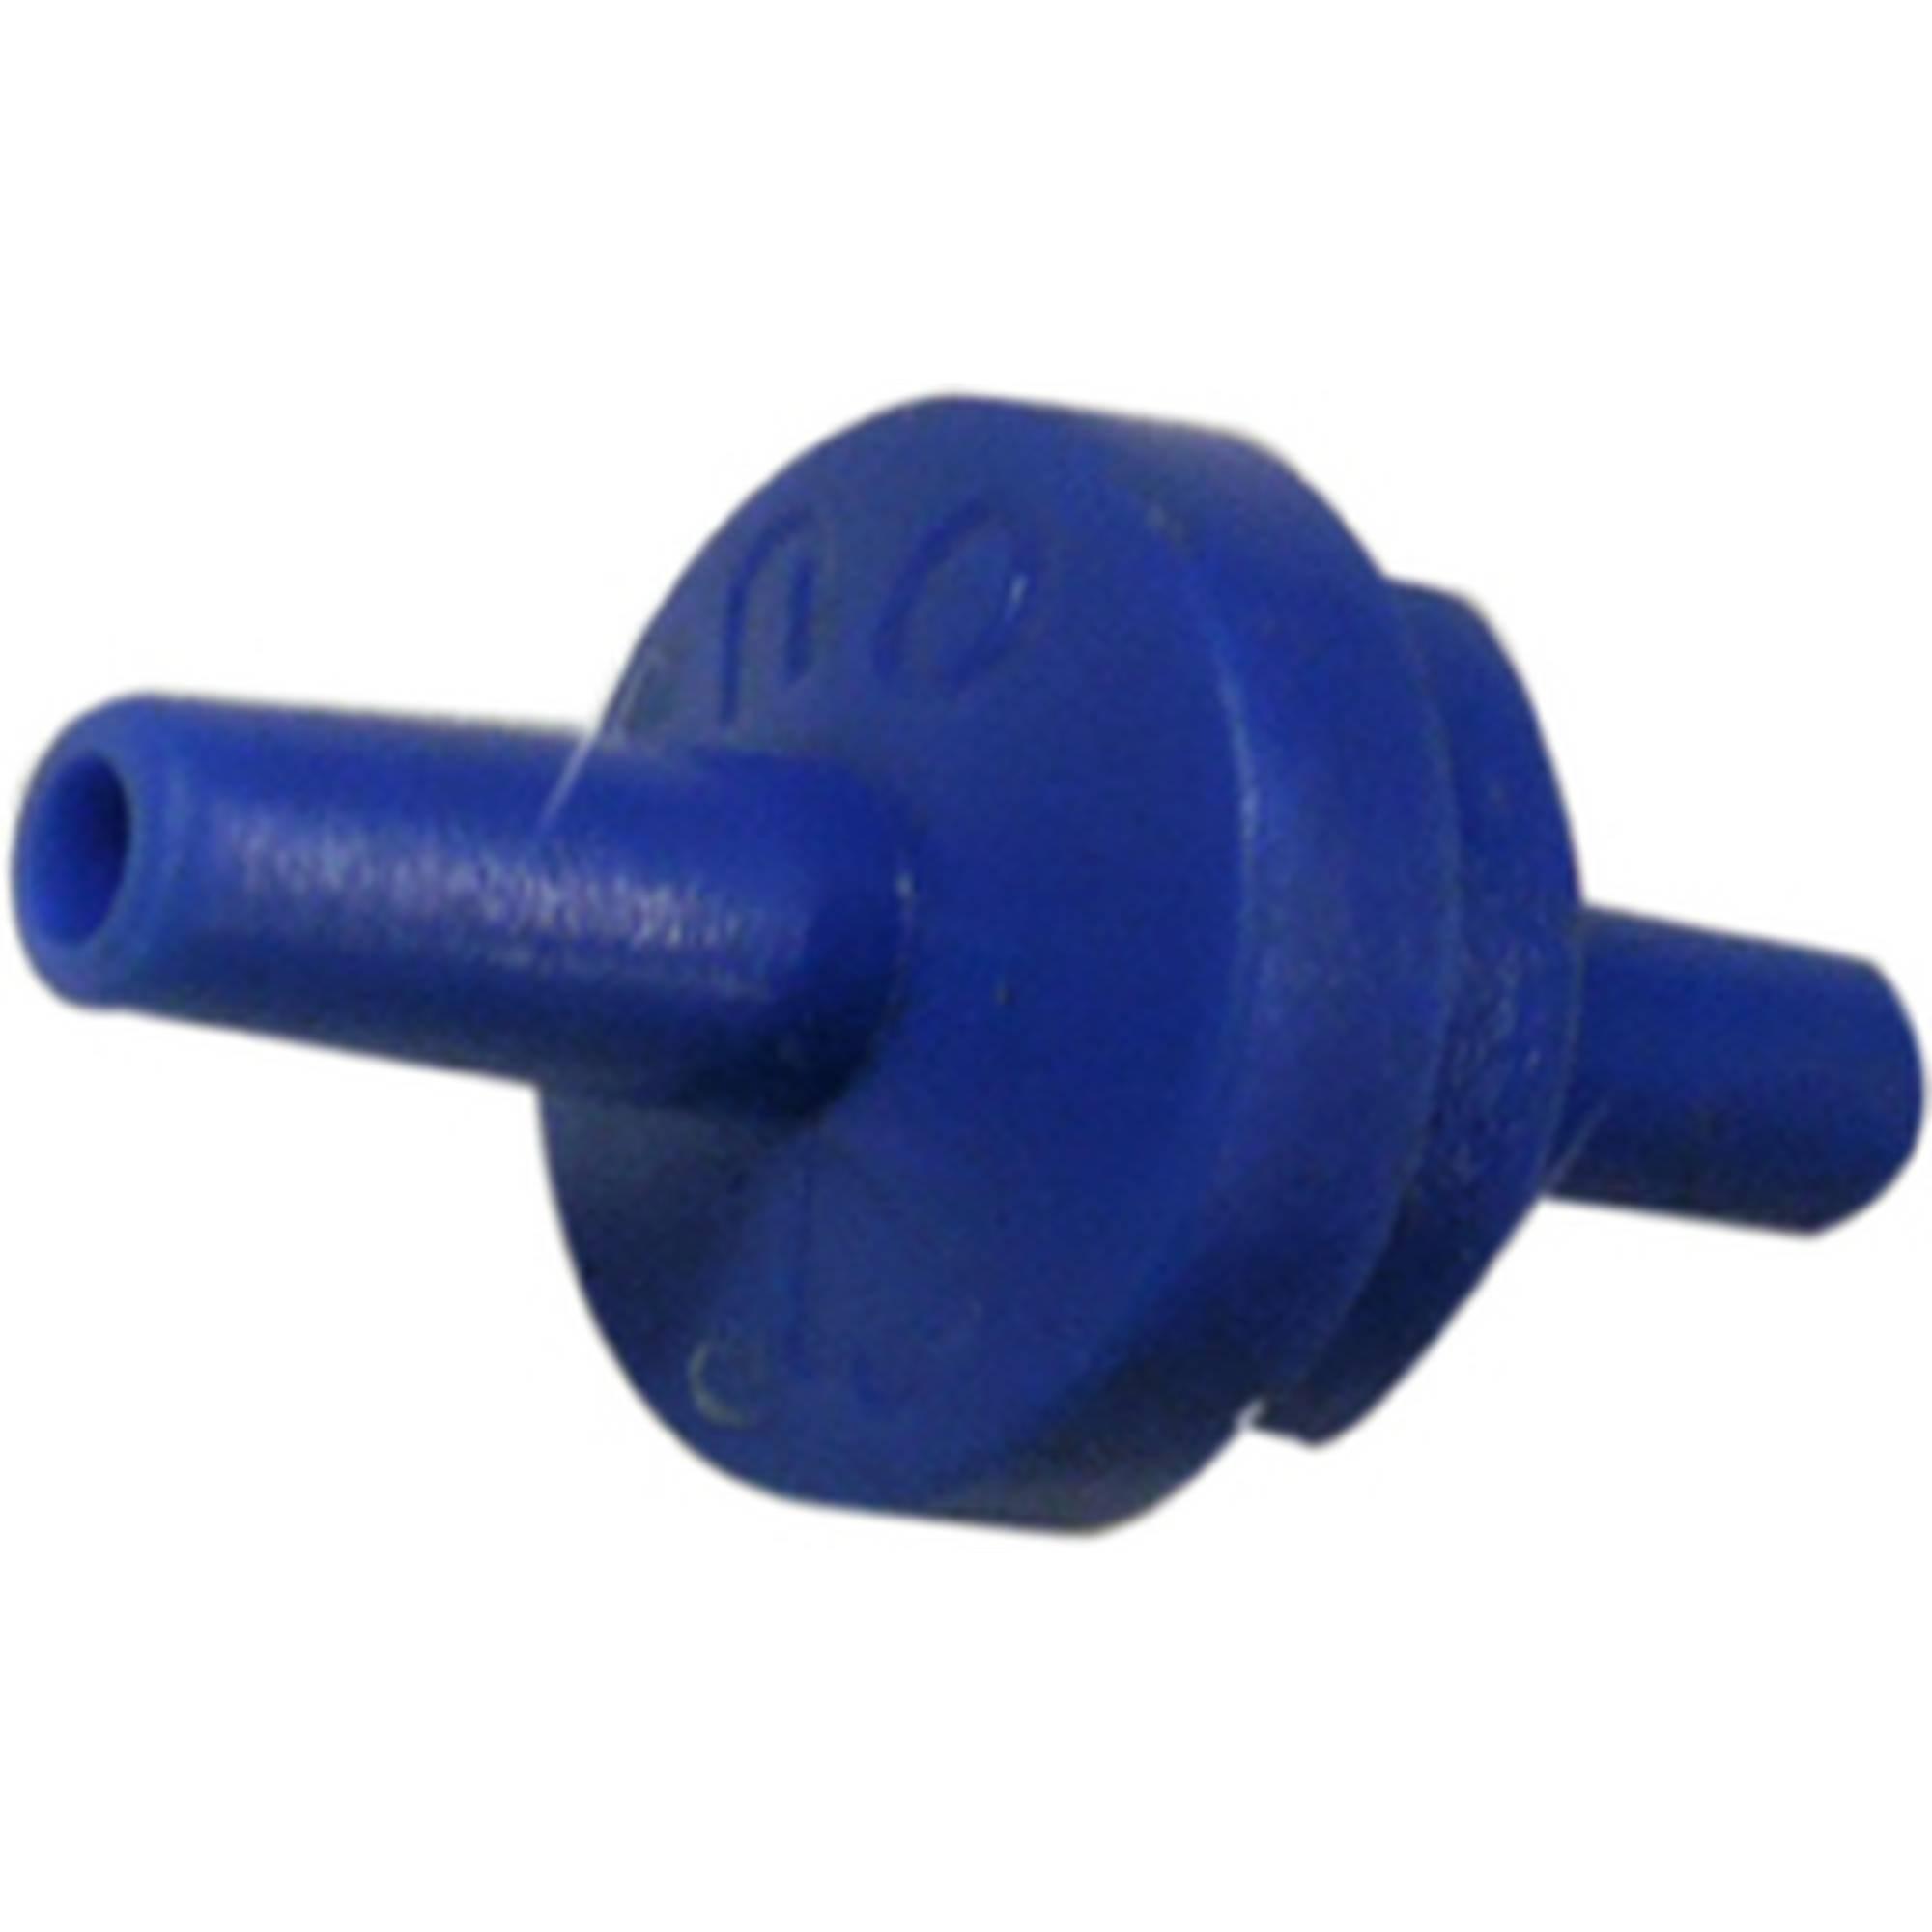 Ventil für Luftschlauch TZ605, 615, HLT200